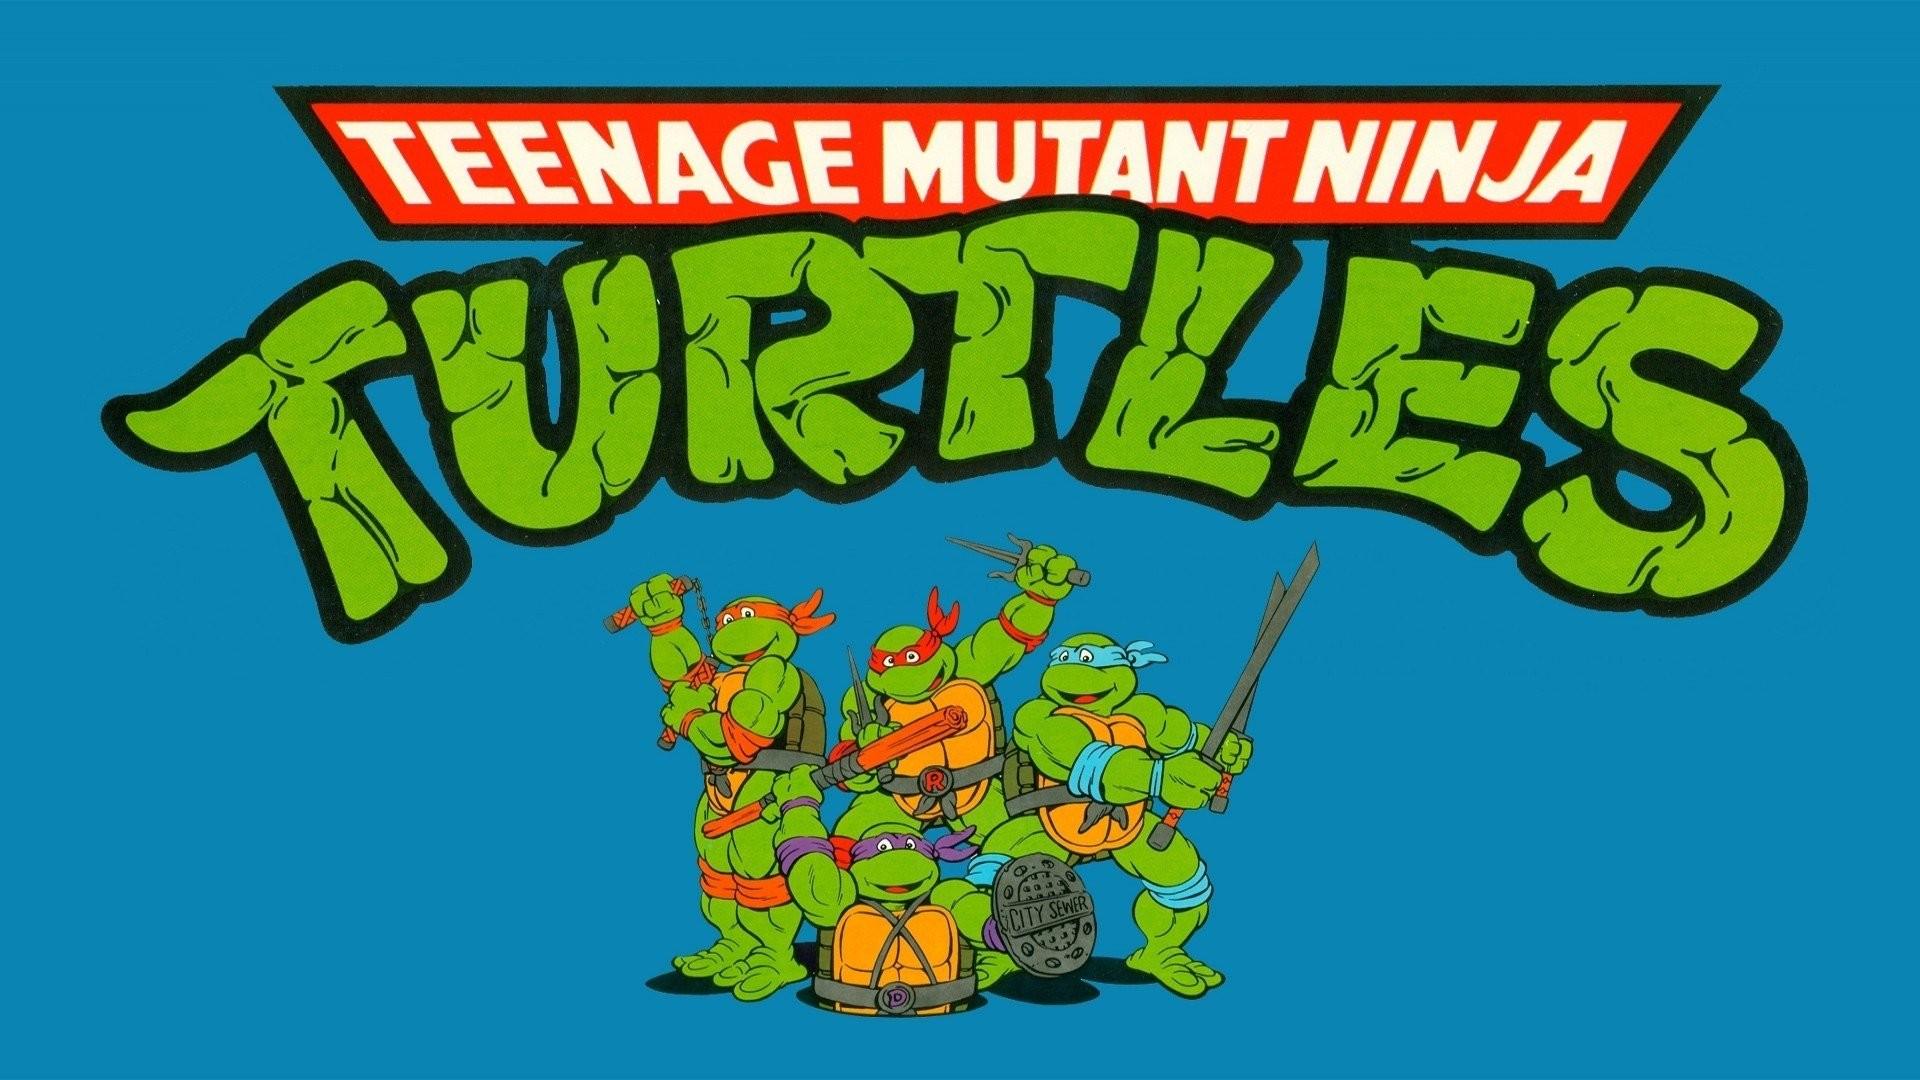 Res: 1920x1080, blue background, Teenage Mutant Ninja Turtles